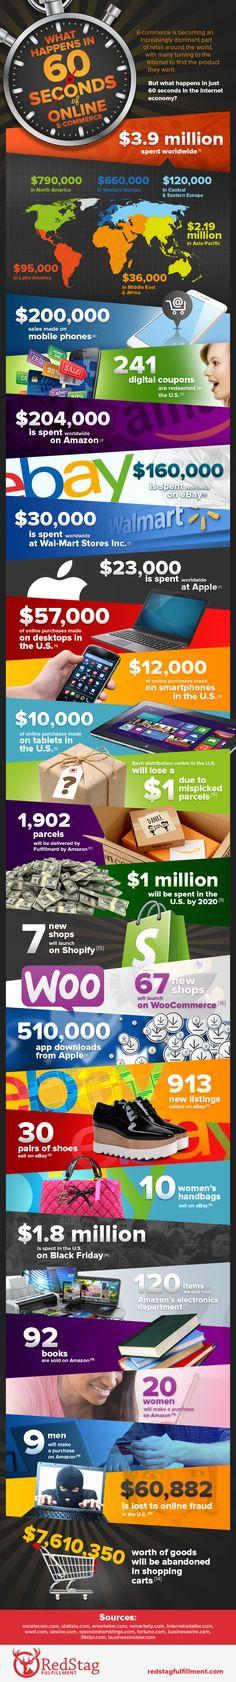 Jede Minute im E-Commerce: 3,9 Millionen Dollar Umsatz – davon 204.000 Dollar bei Amazon